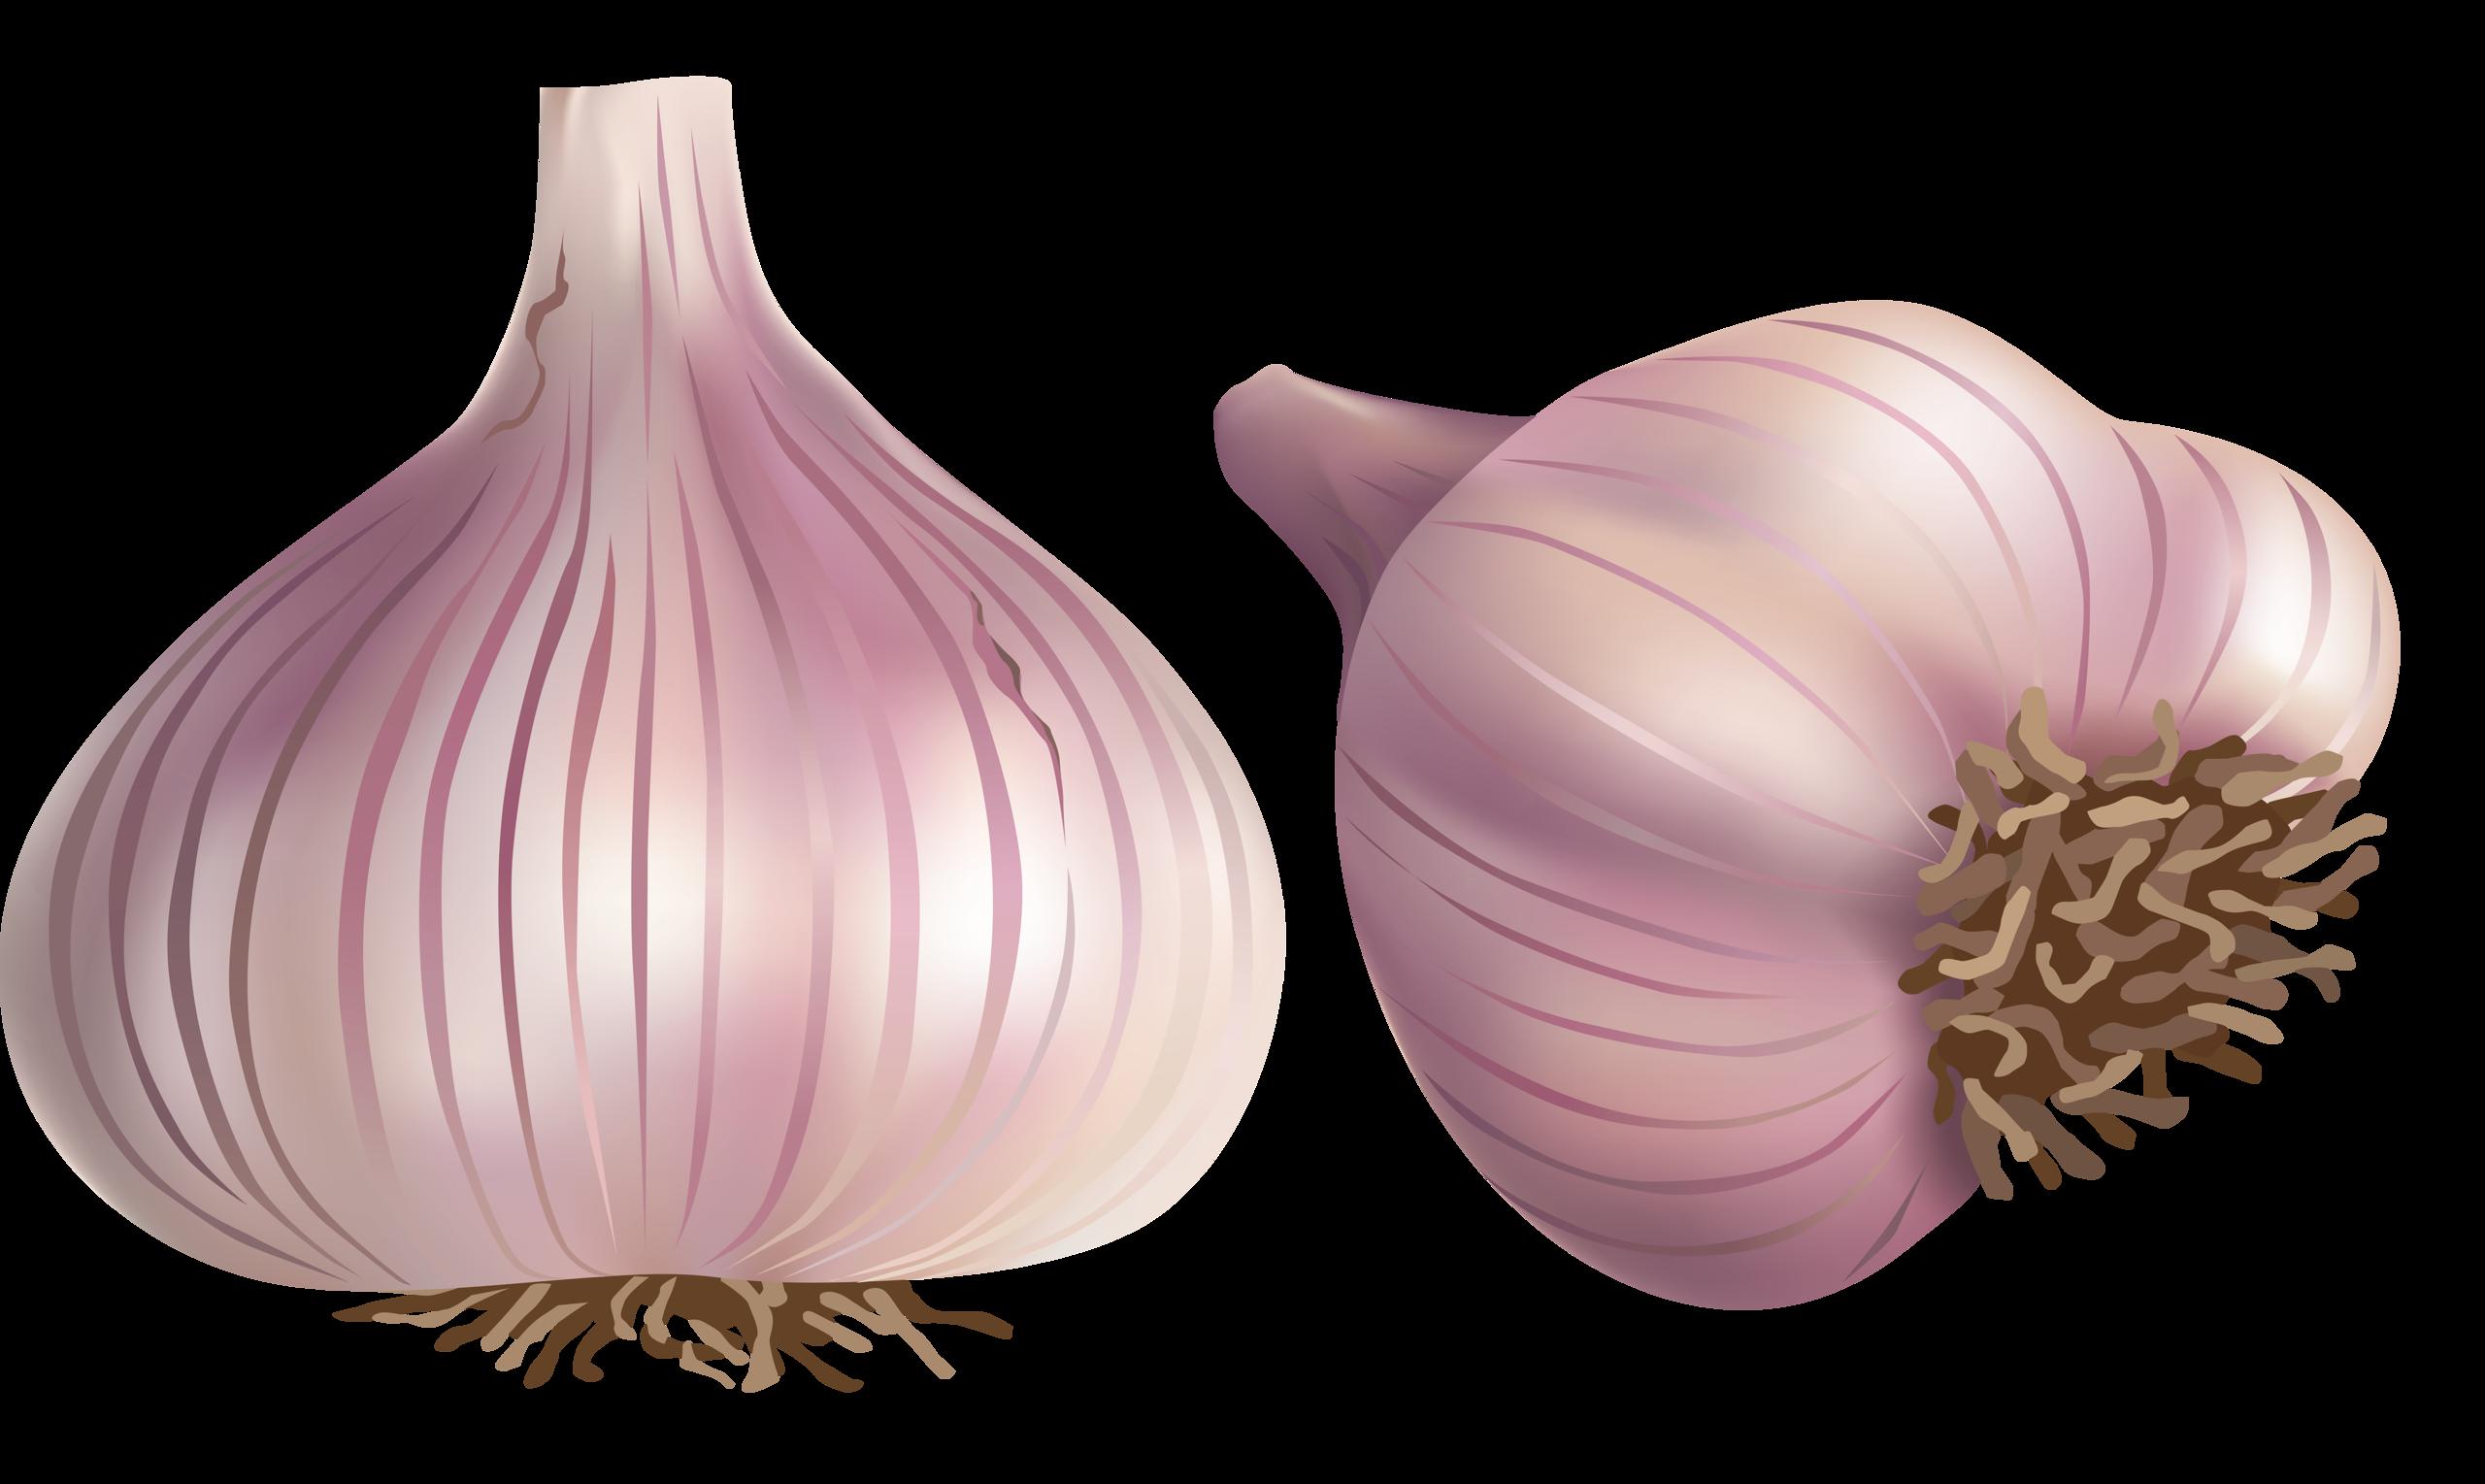 png pinterest clip. Face clipart onion